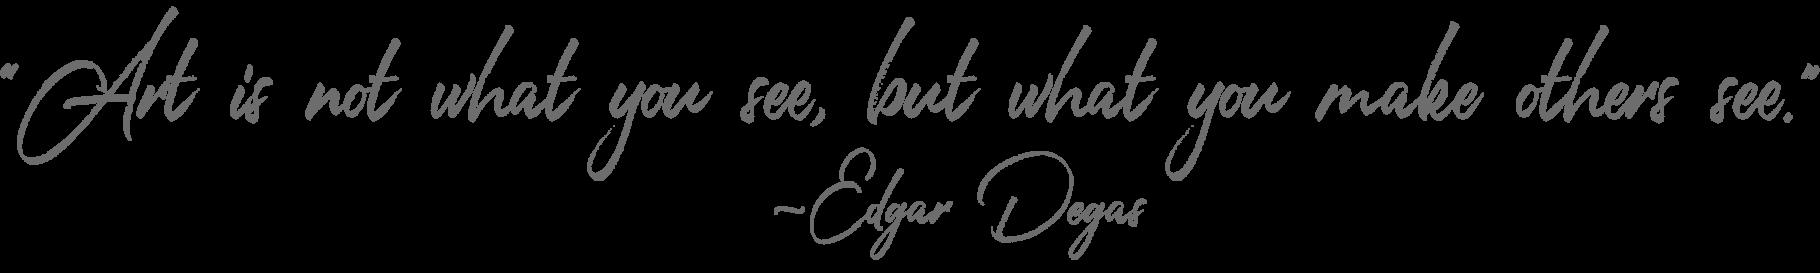 kjdewaal_edgar_degas_art